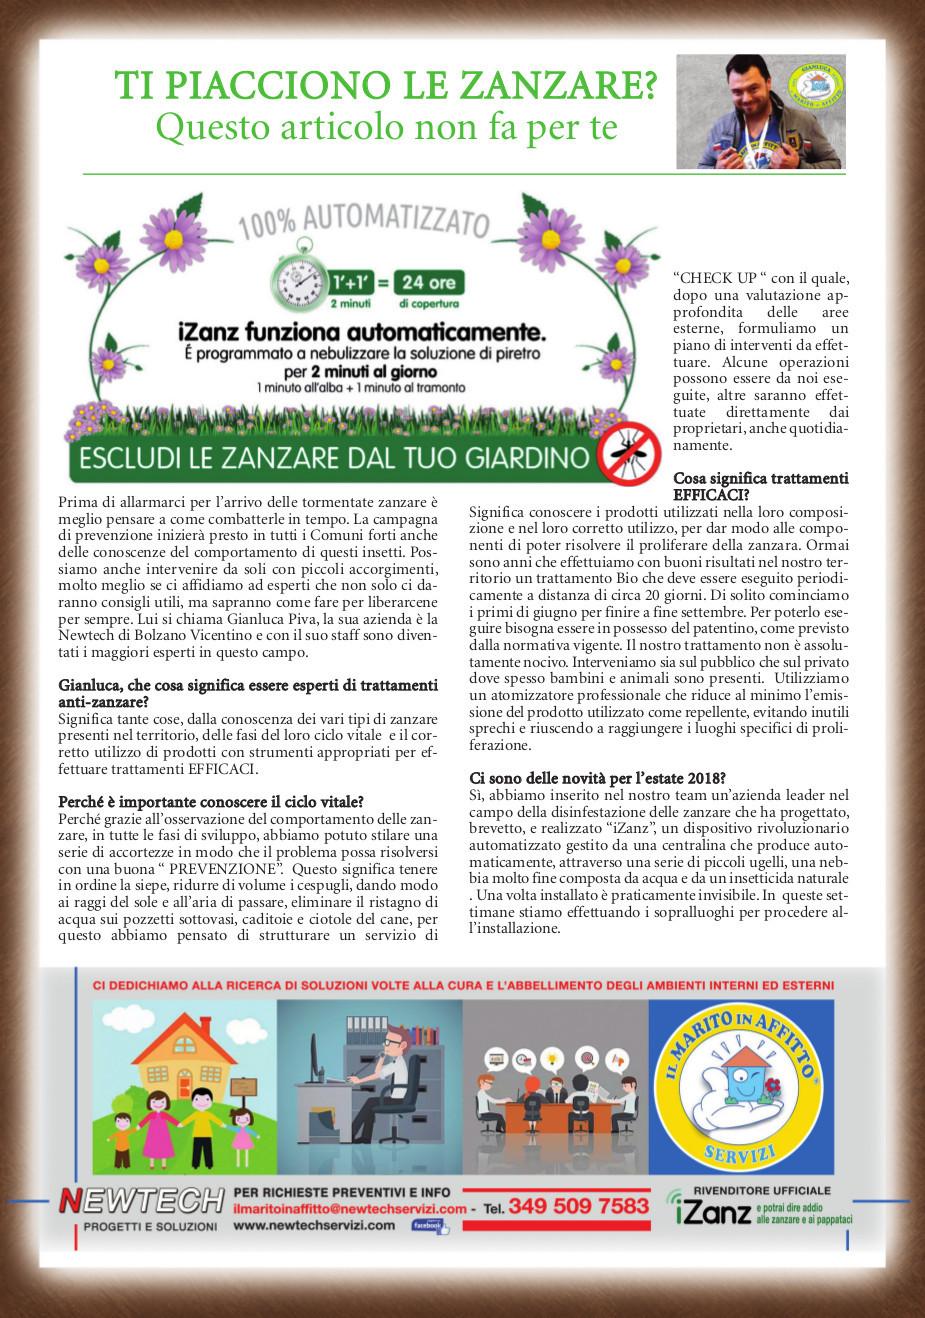 trattamento anti-zanzata continuativi